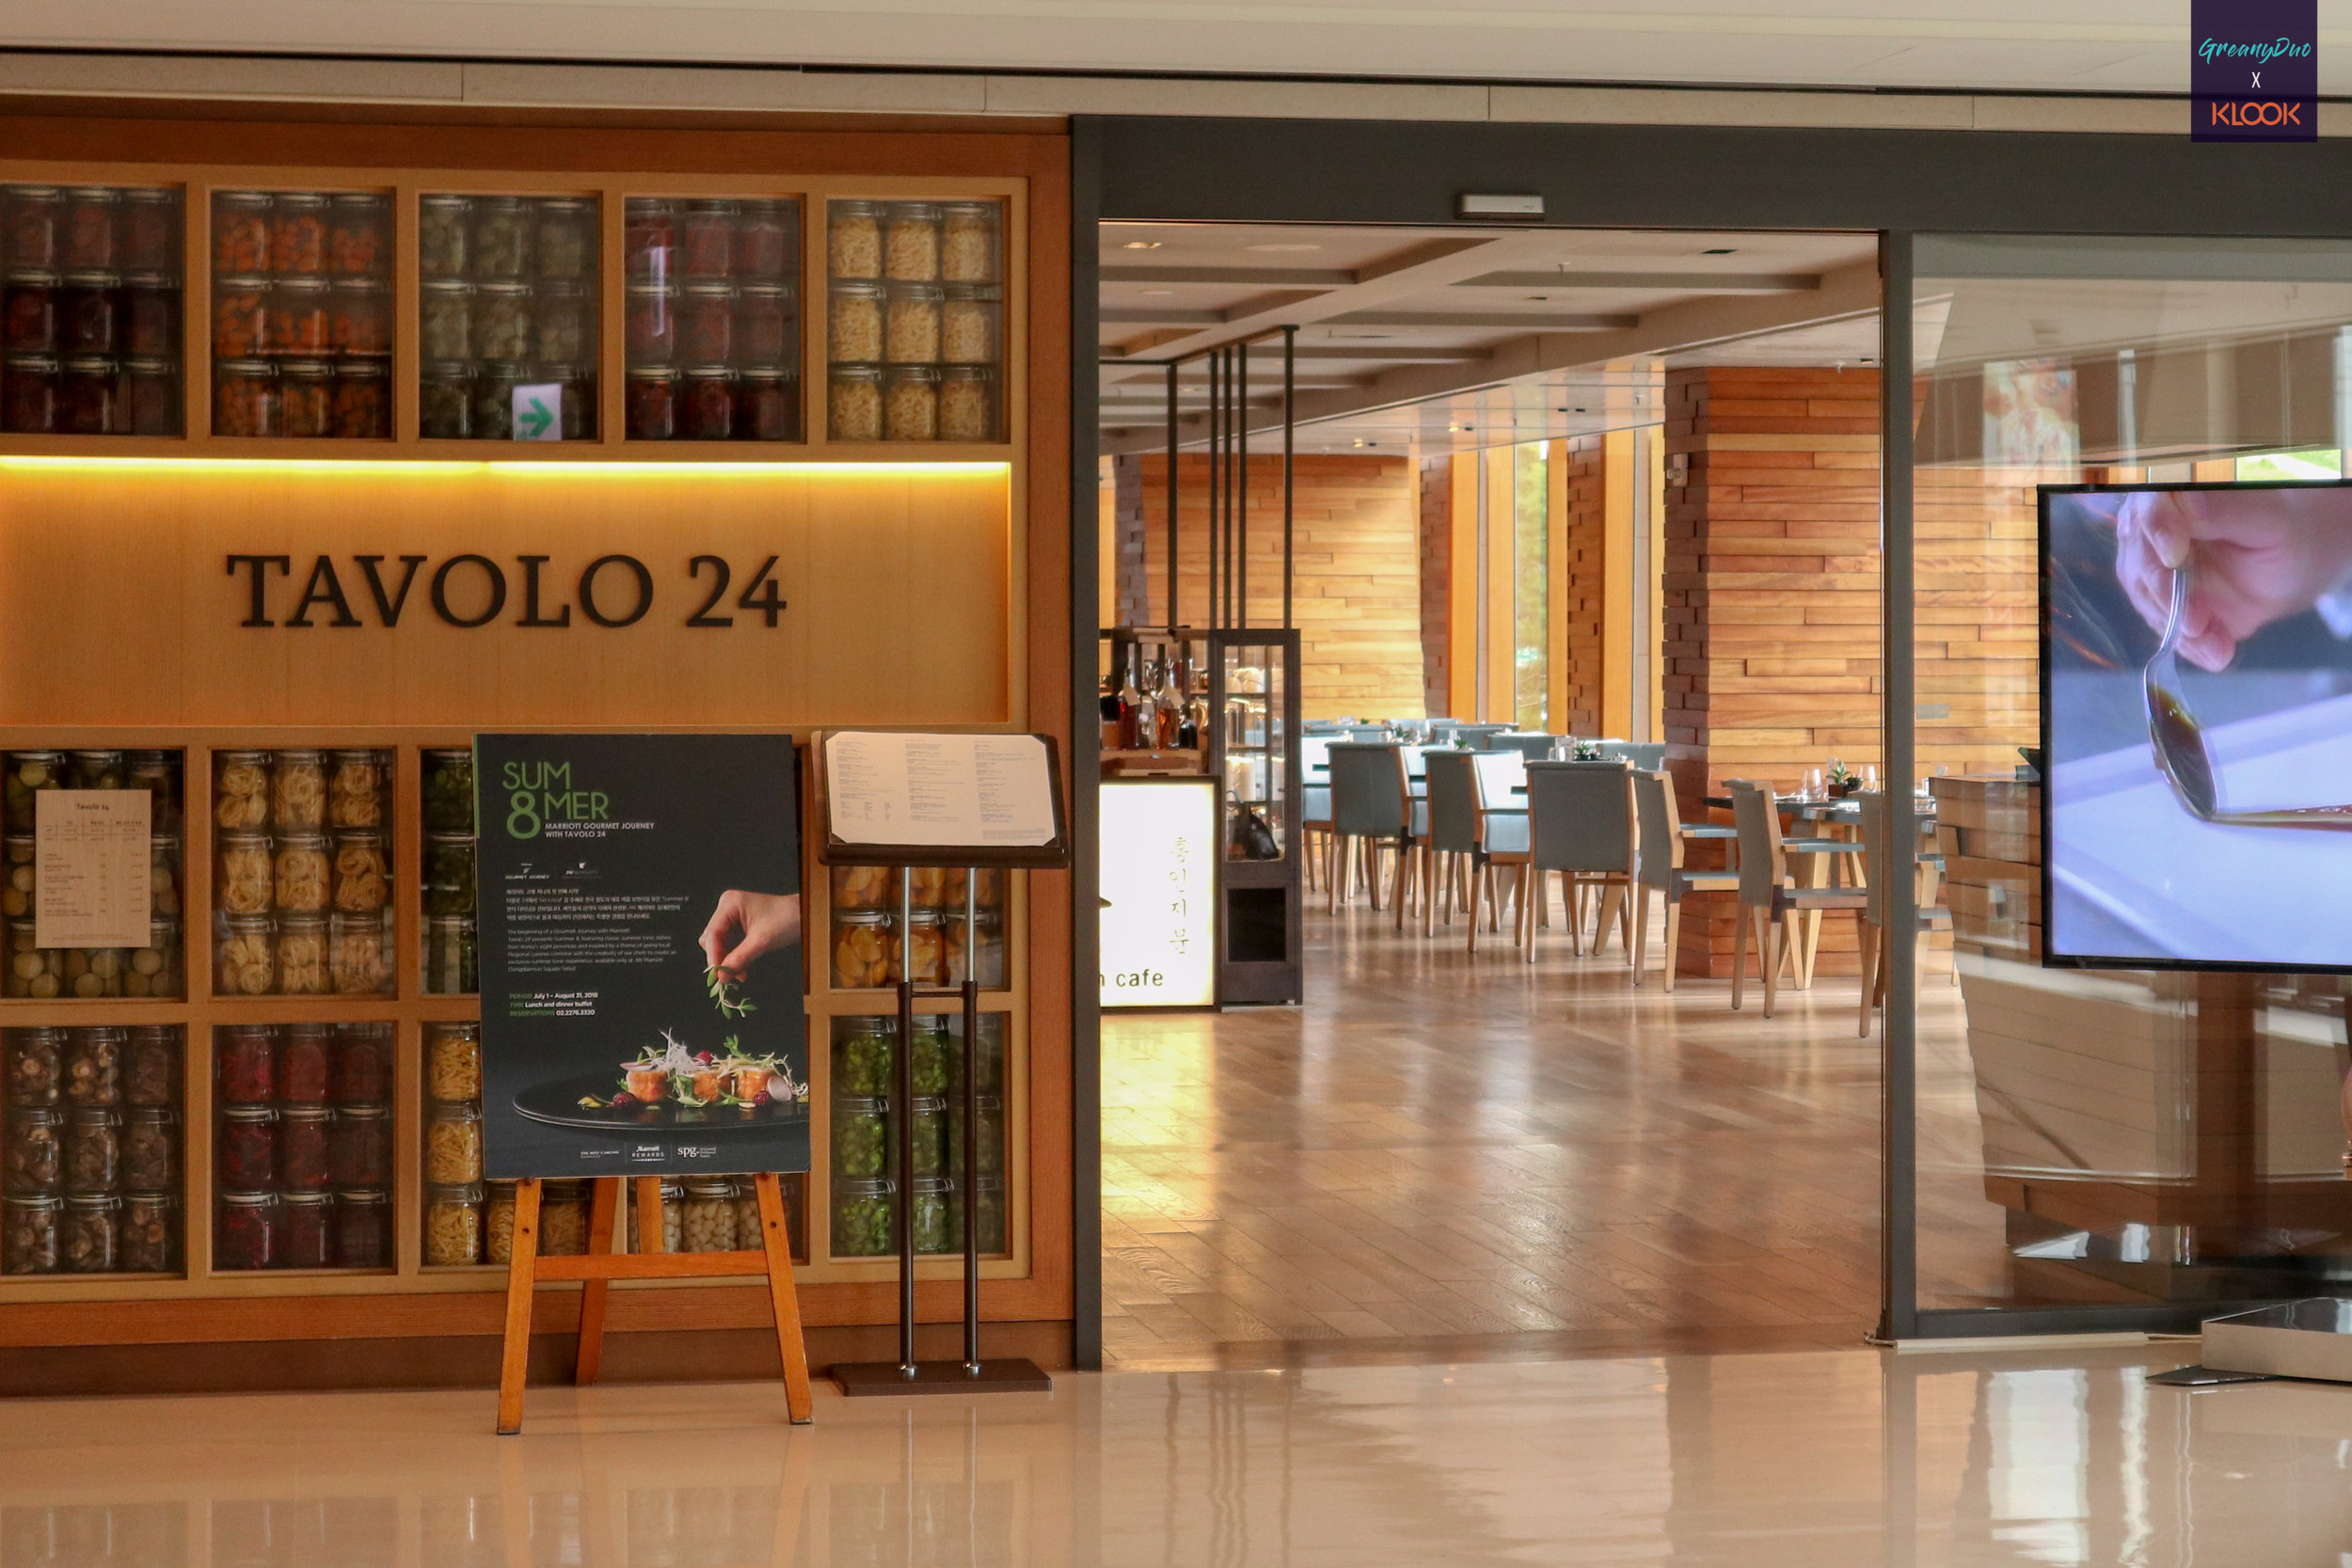 บุฟเฟ่ต์ Tavolo 24 (JW Marriott) โซลเกาหลี entrance